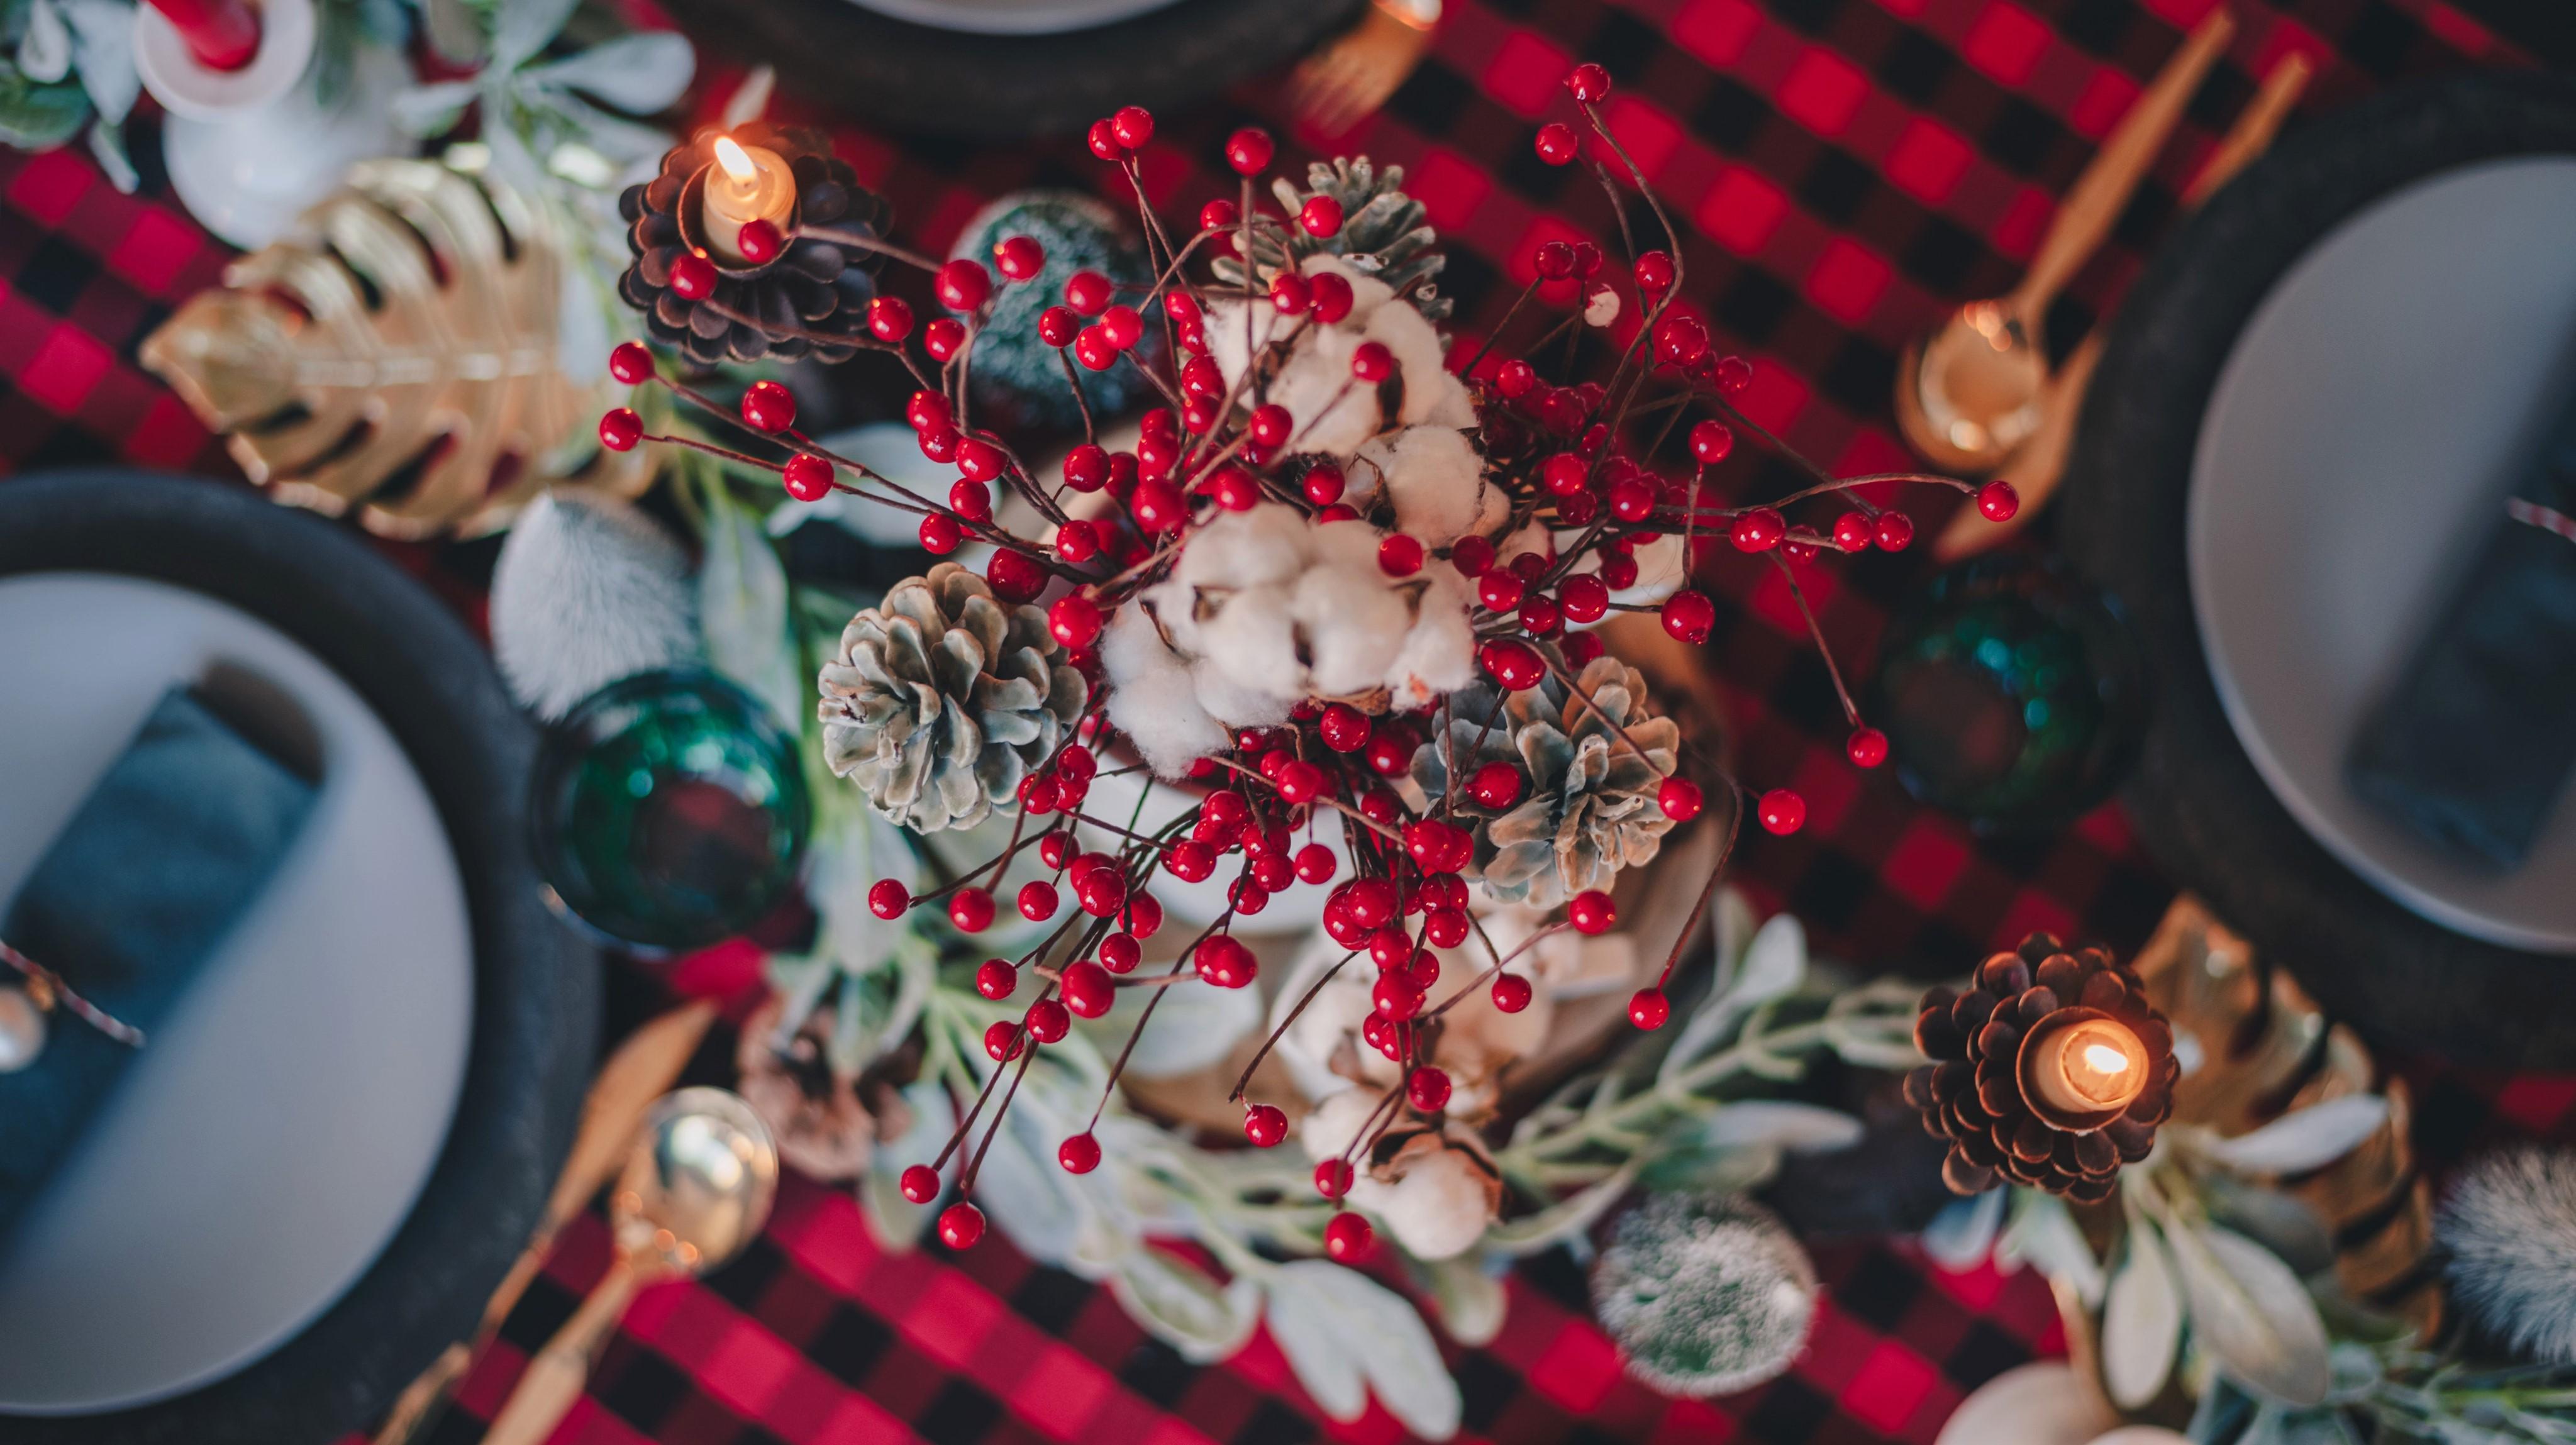 Être l'unique vegan au repas de Noël